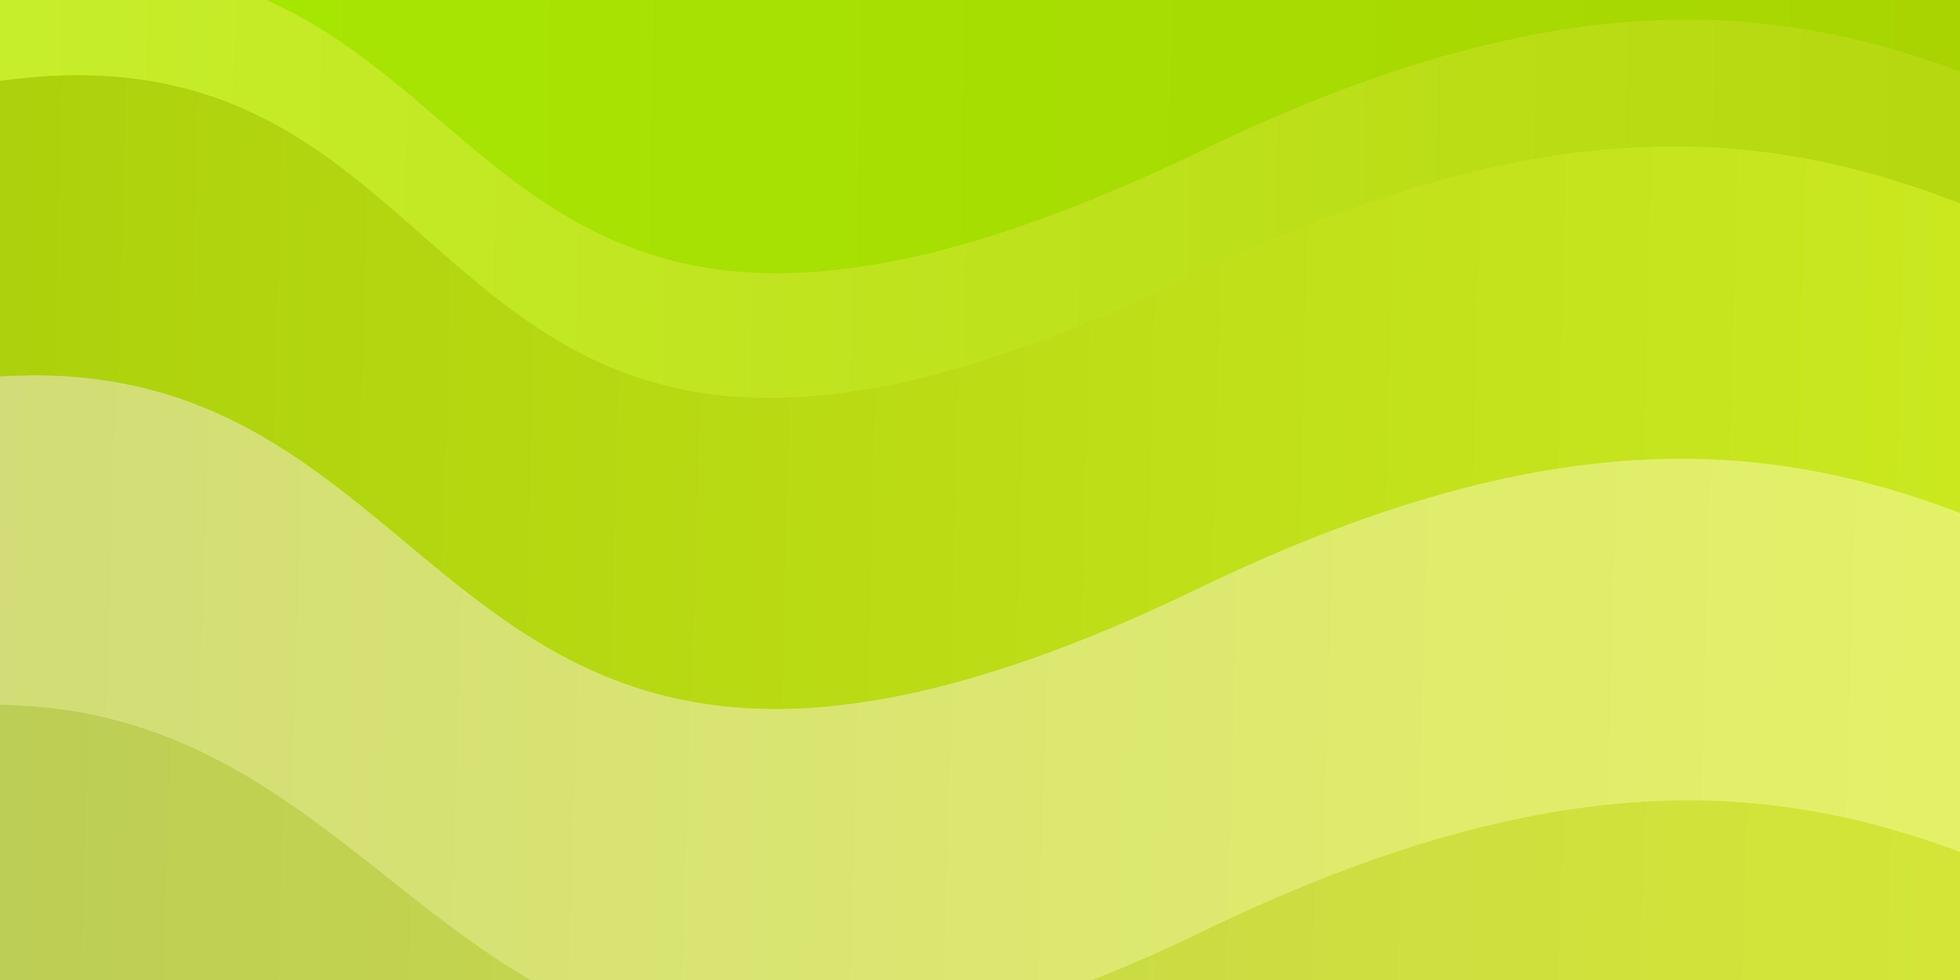 ljusgrön, gul vektorbakgrund med kurvor. vektor